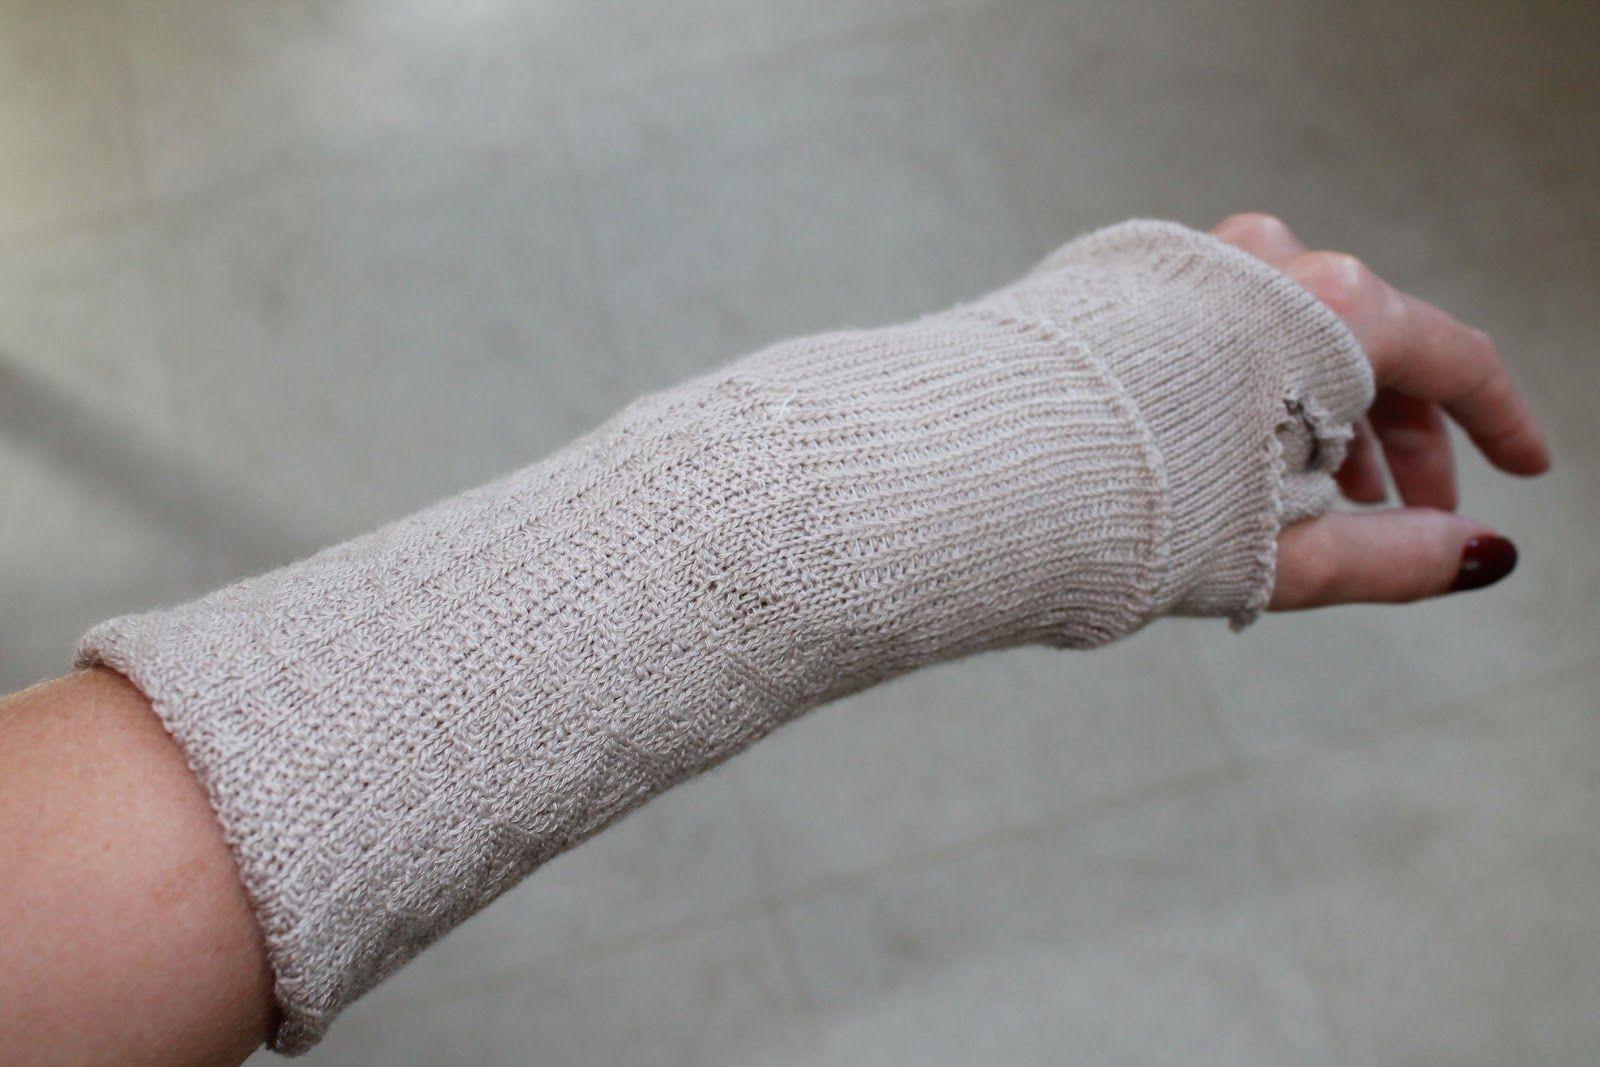 Fingerless gloves diy - Dear Little Sister Super Easy Diy Fingerless Gloves Aka Splint Covers